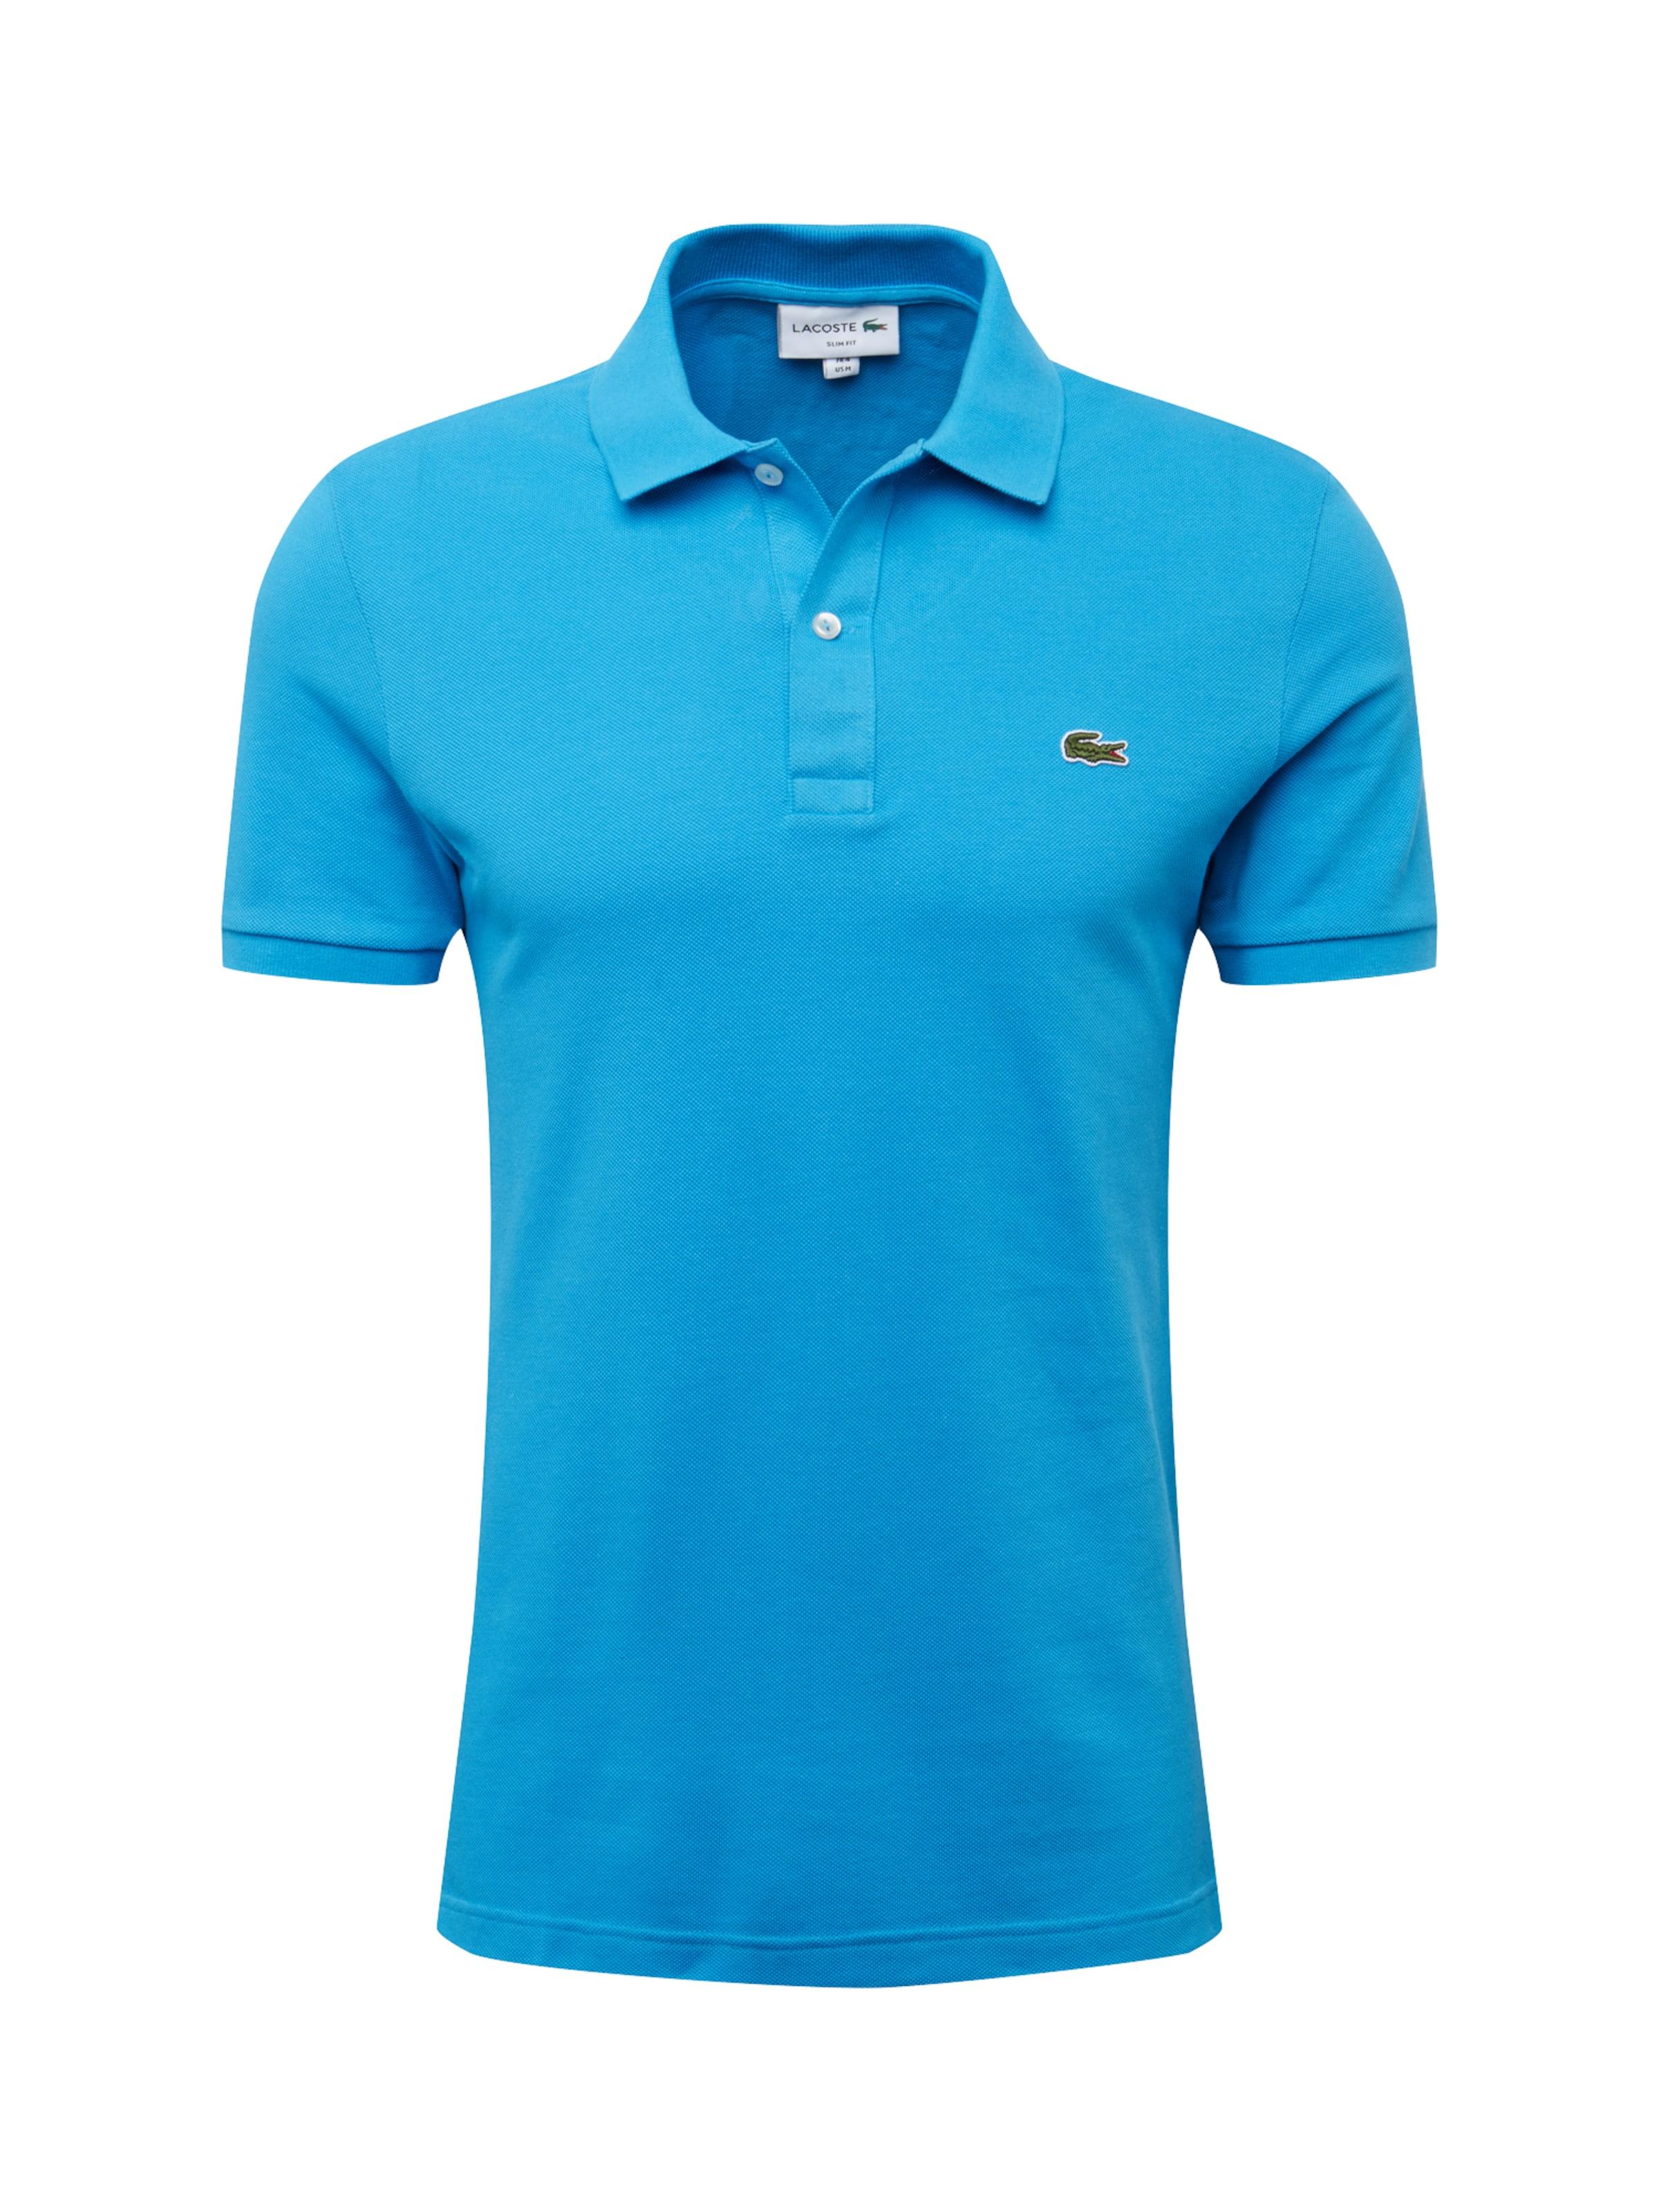 Lacoste shirt Lacoste En Bleu T T FwCqxp8C